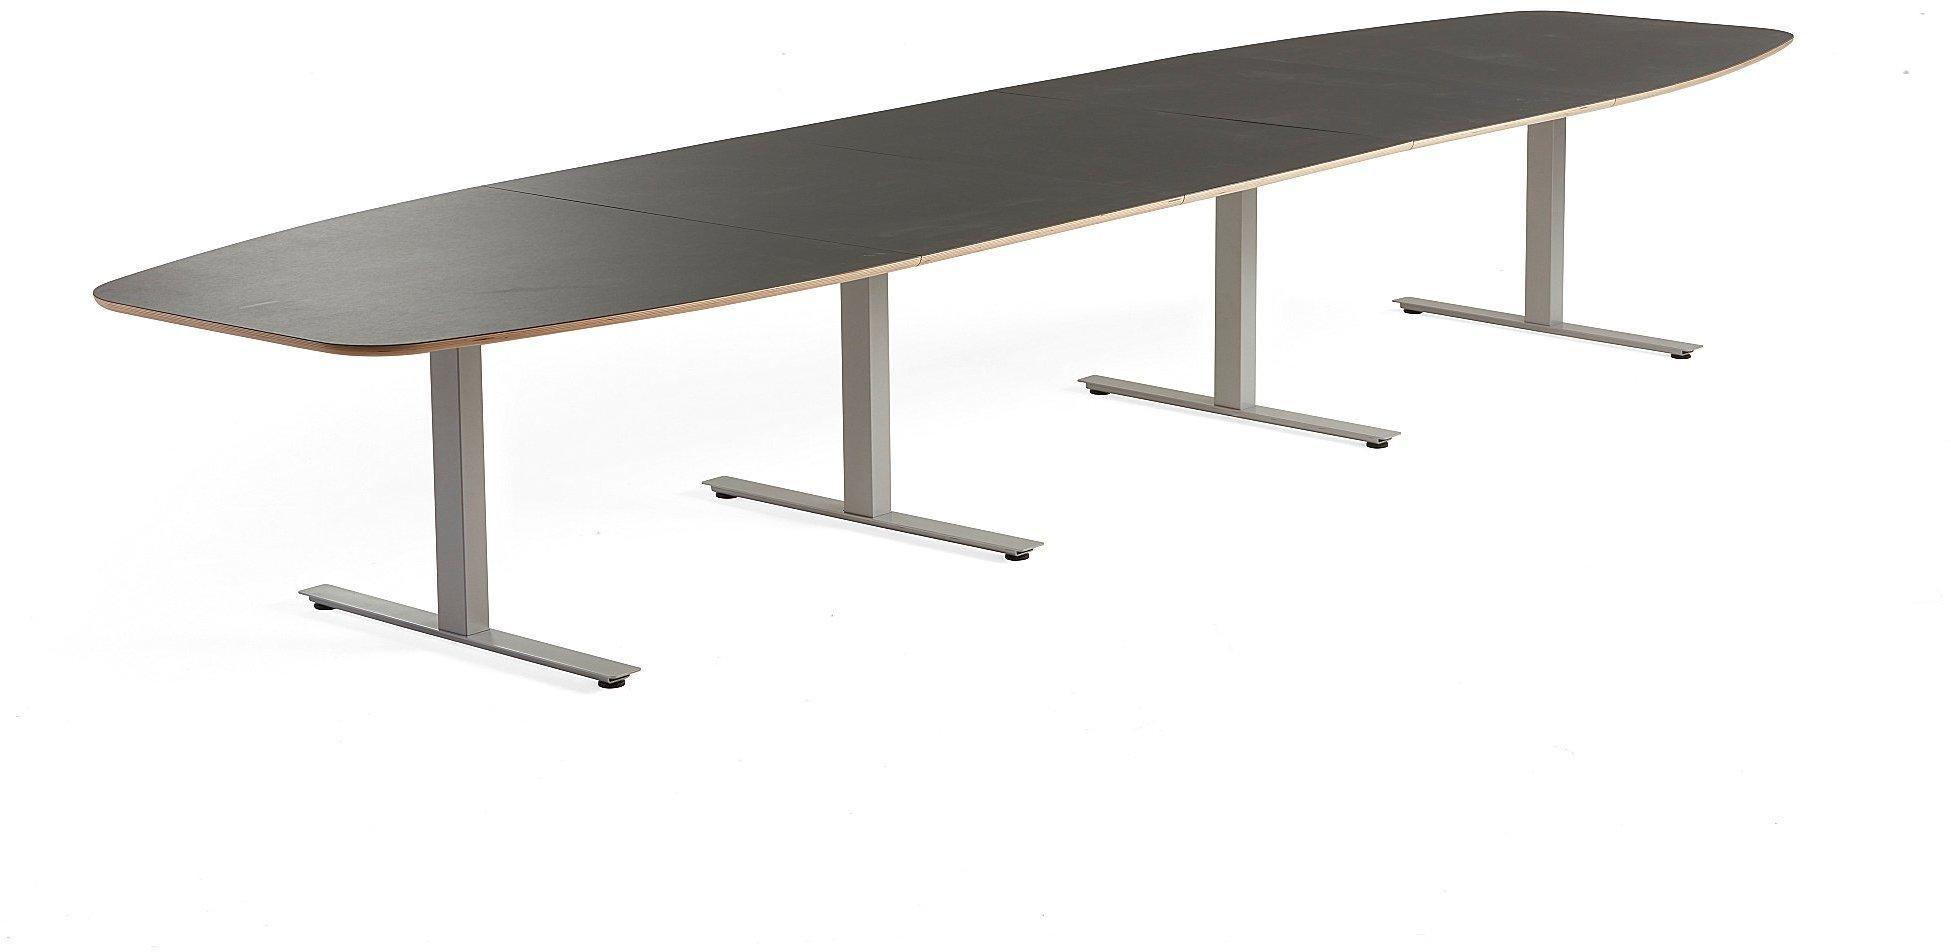 Rokovací stôl Audrey, 4800x1200 mm, strieborný podstavec, tmavošedá doska